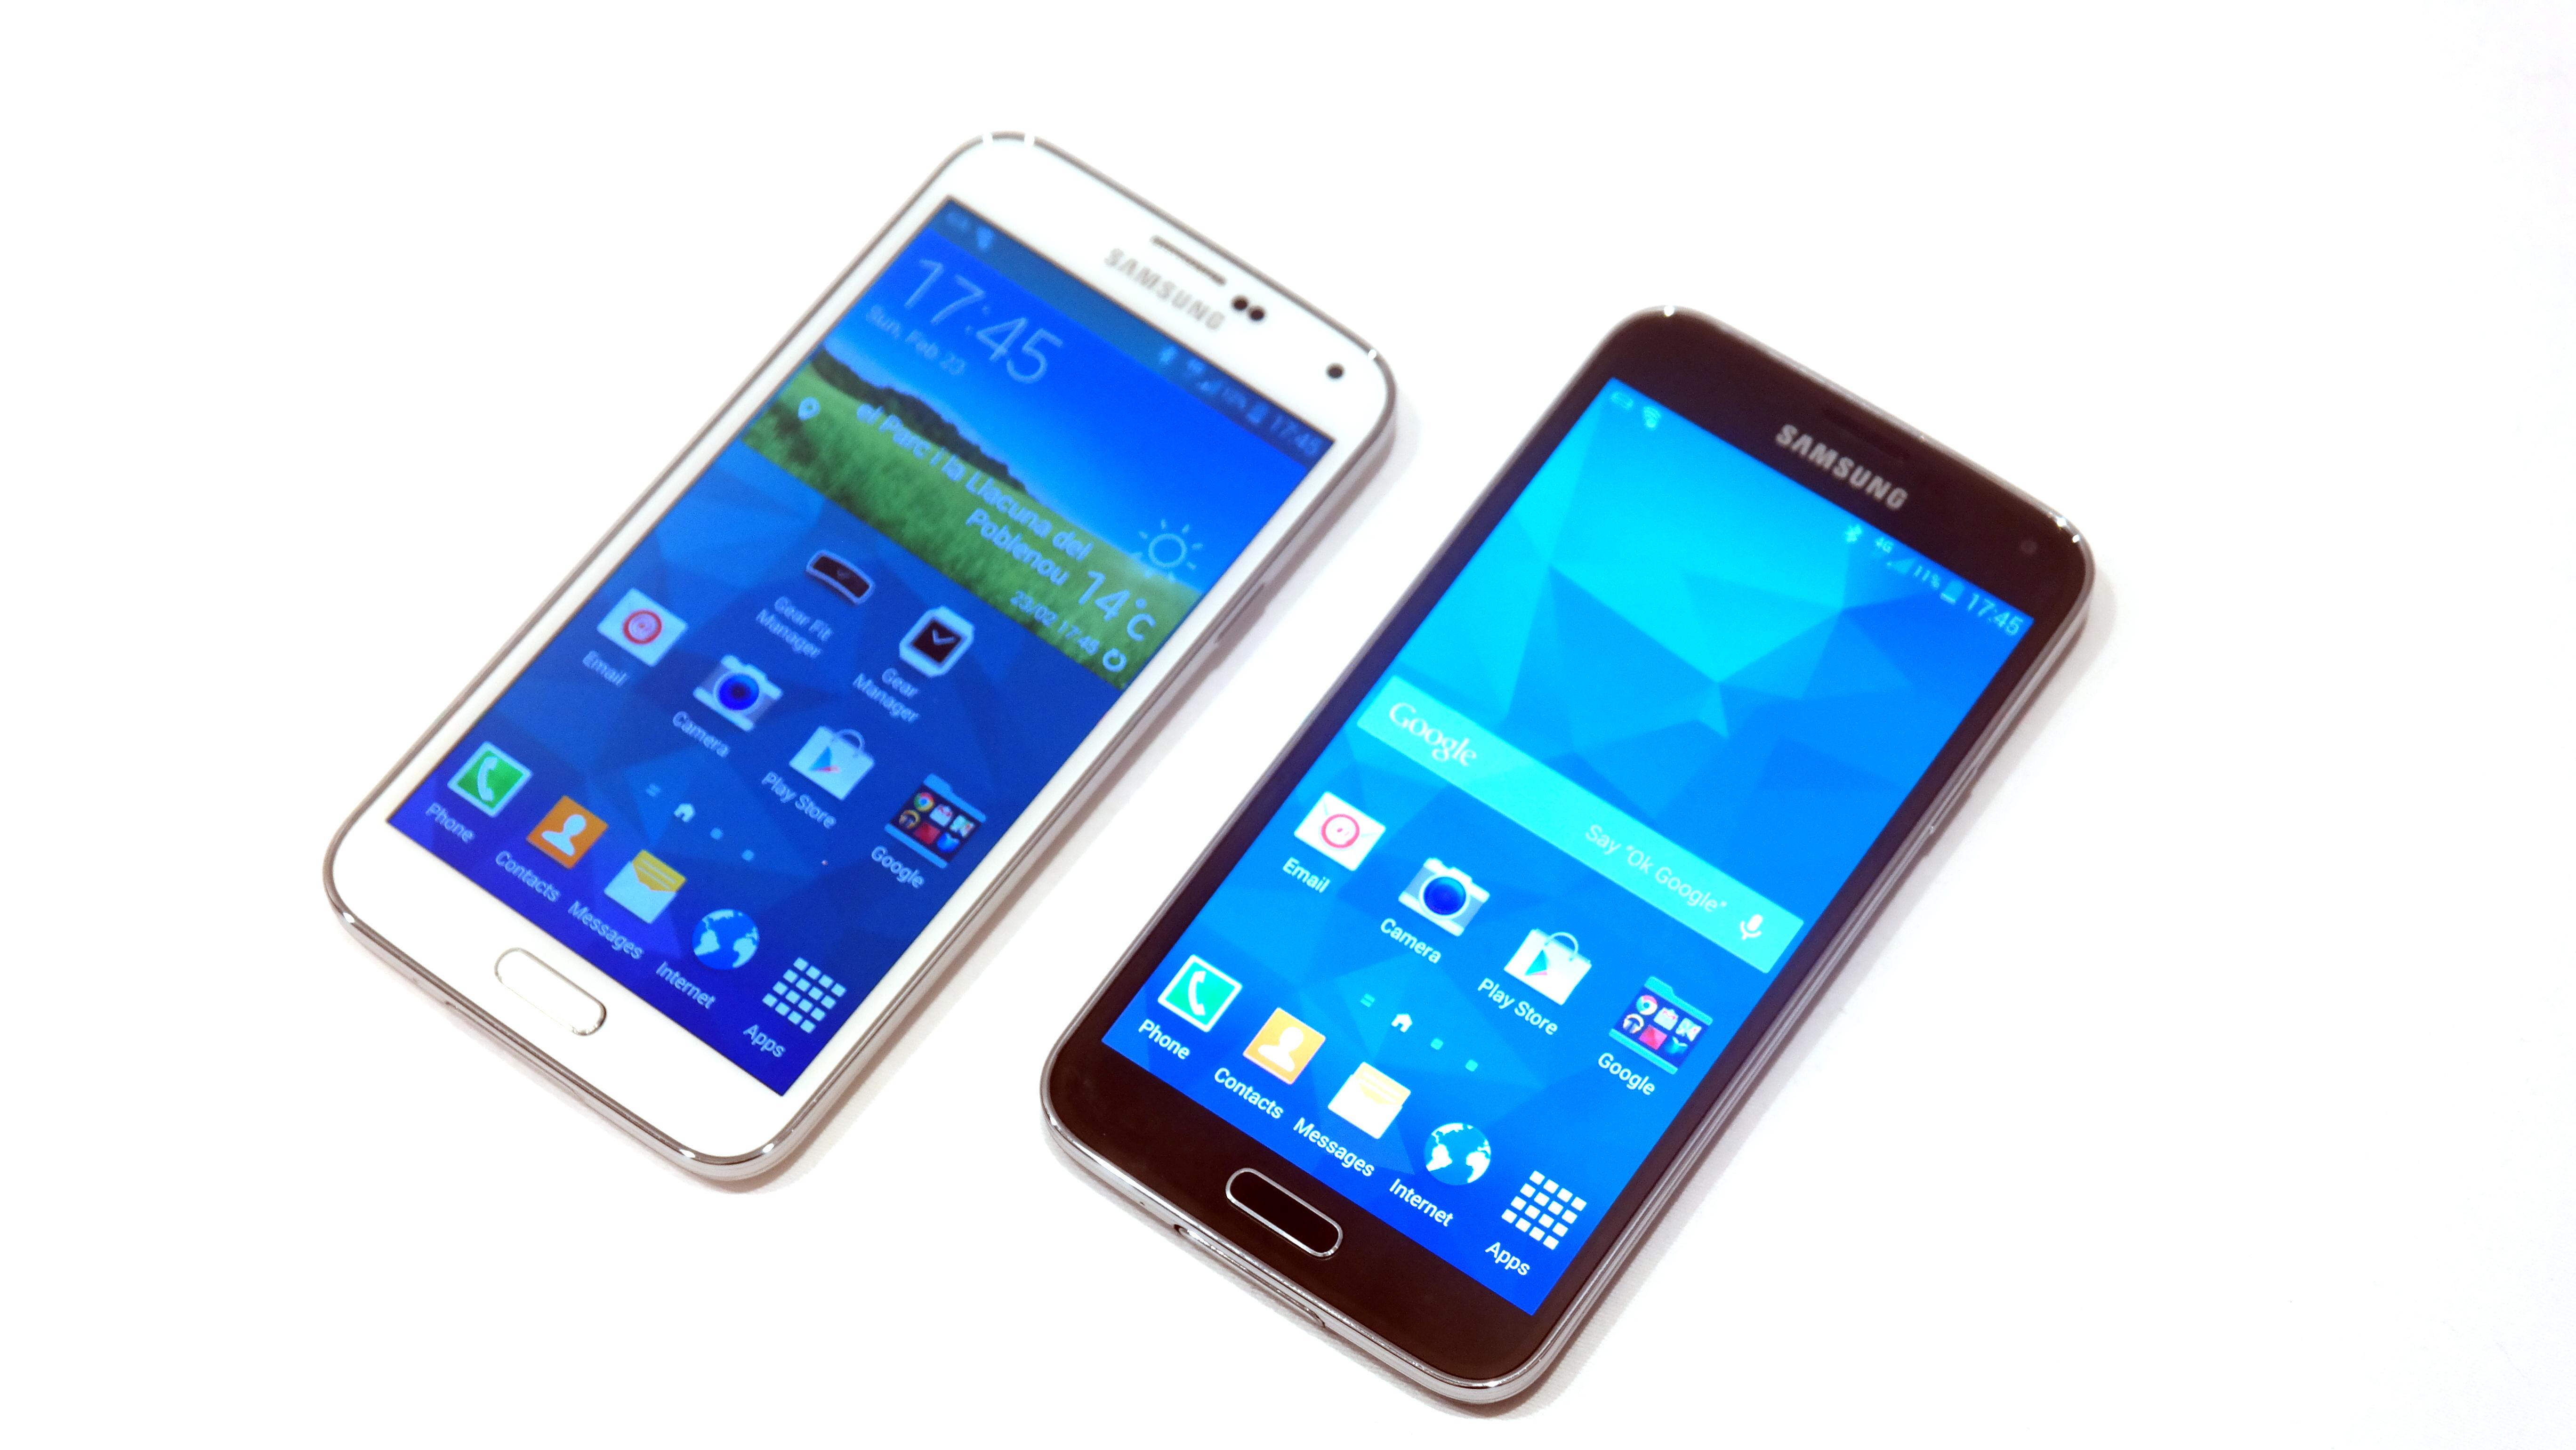 Samsung Galaxy S5 vs Samsung Galaxy S4 | TechRadar